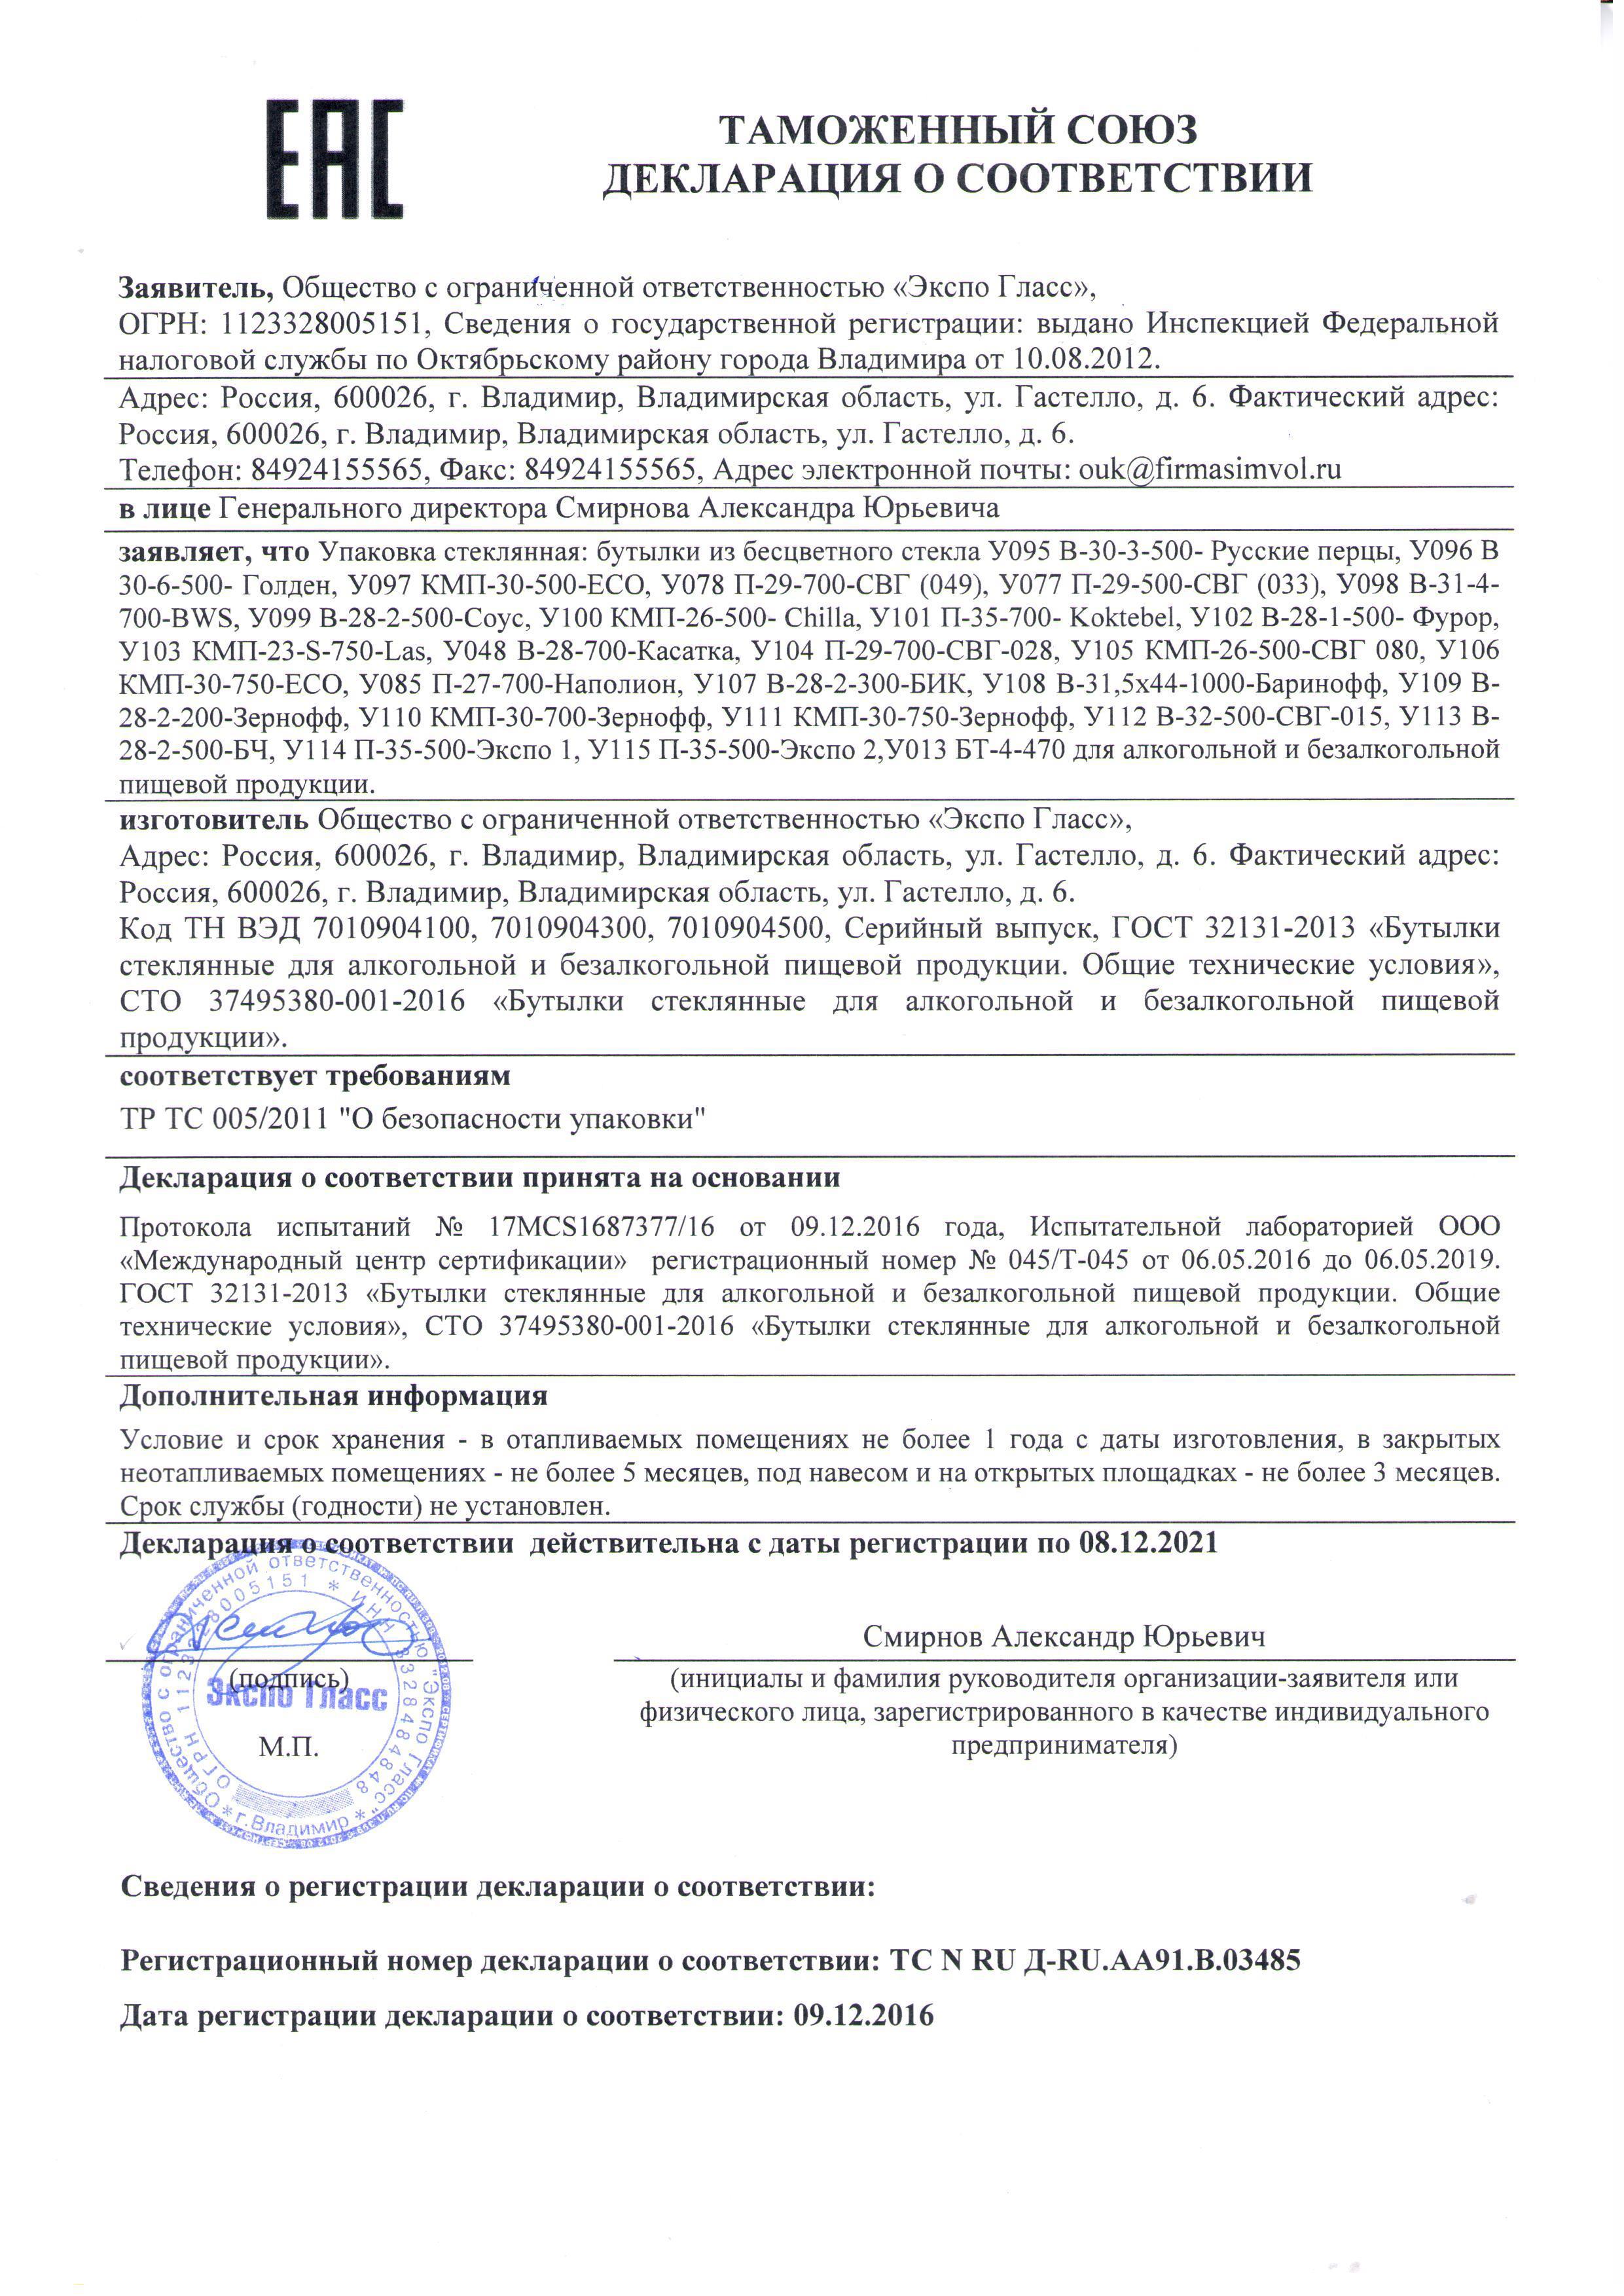 ТС № RU Д-RU АА91.В.03485